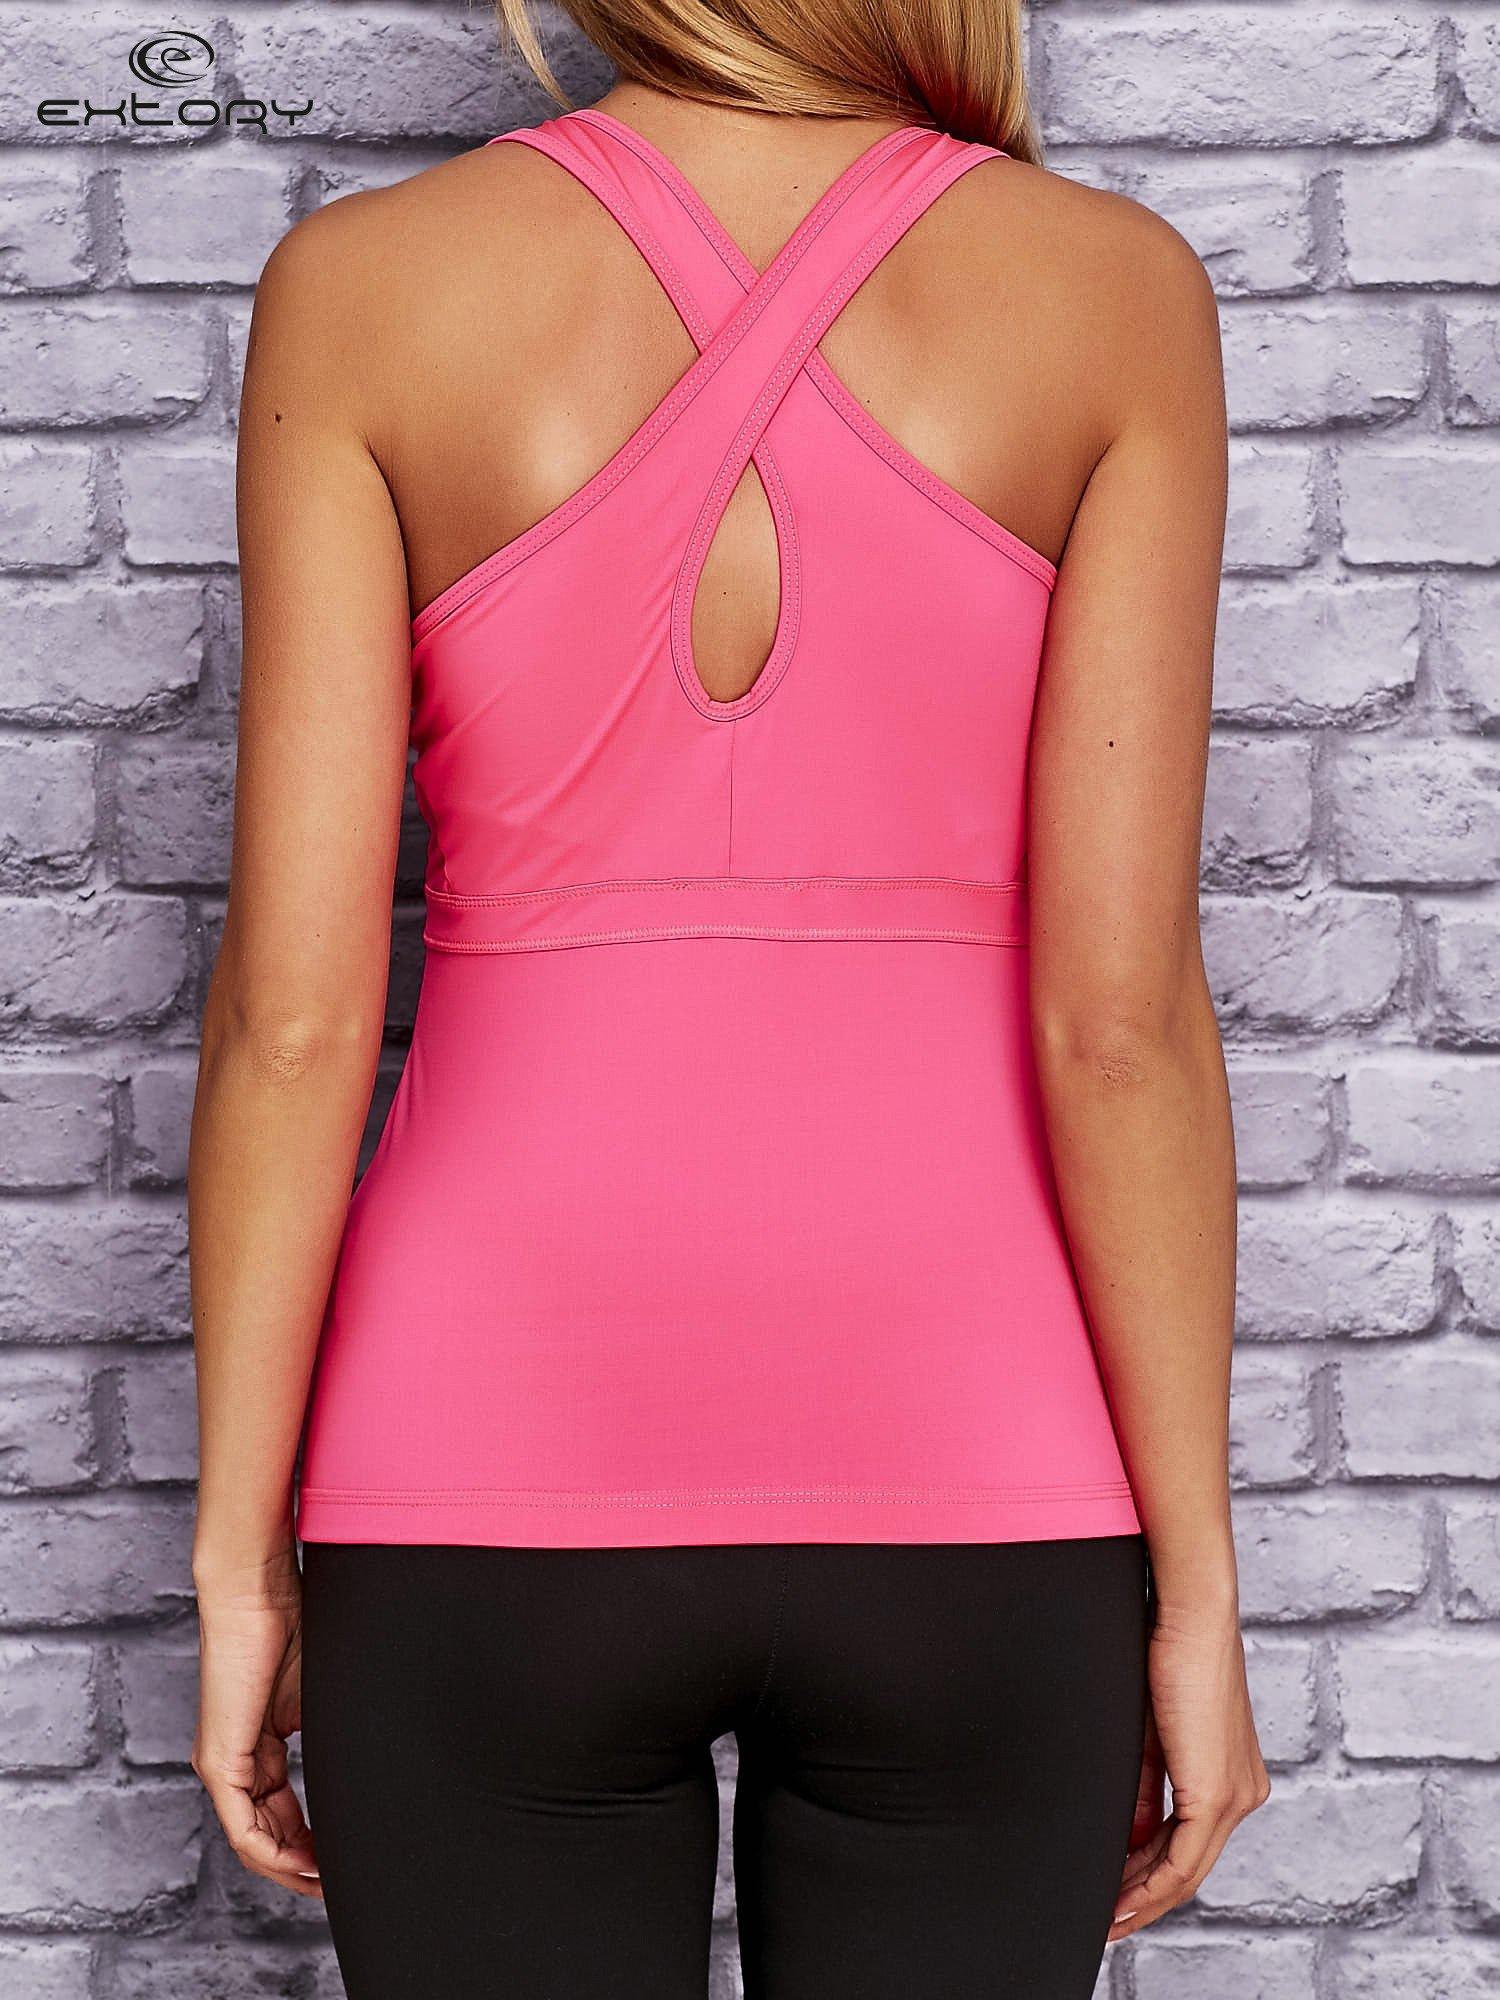 Różowo-biały top sportowy z krzyżowanymi ramiączkami na plecach                                  zdj.                                  2